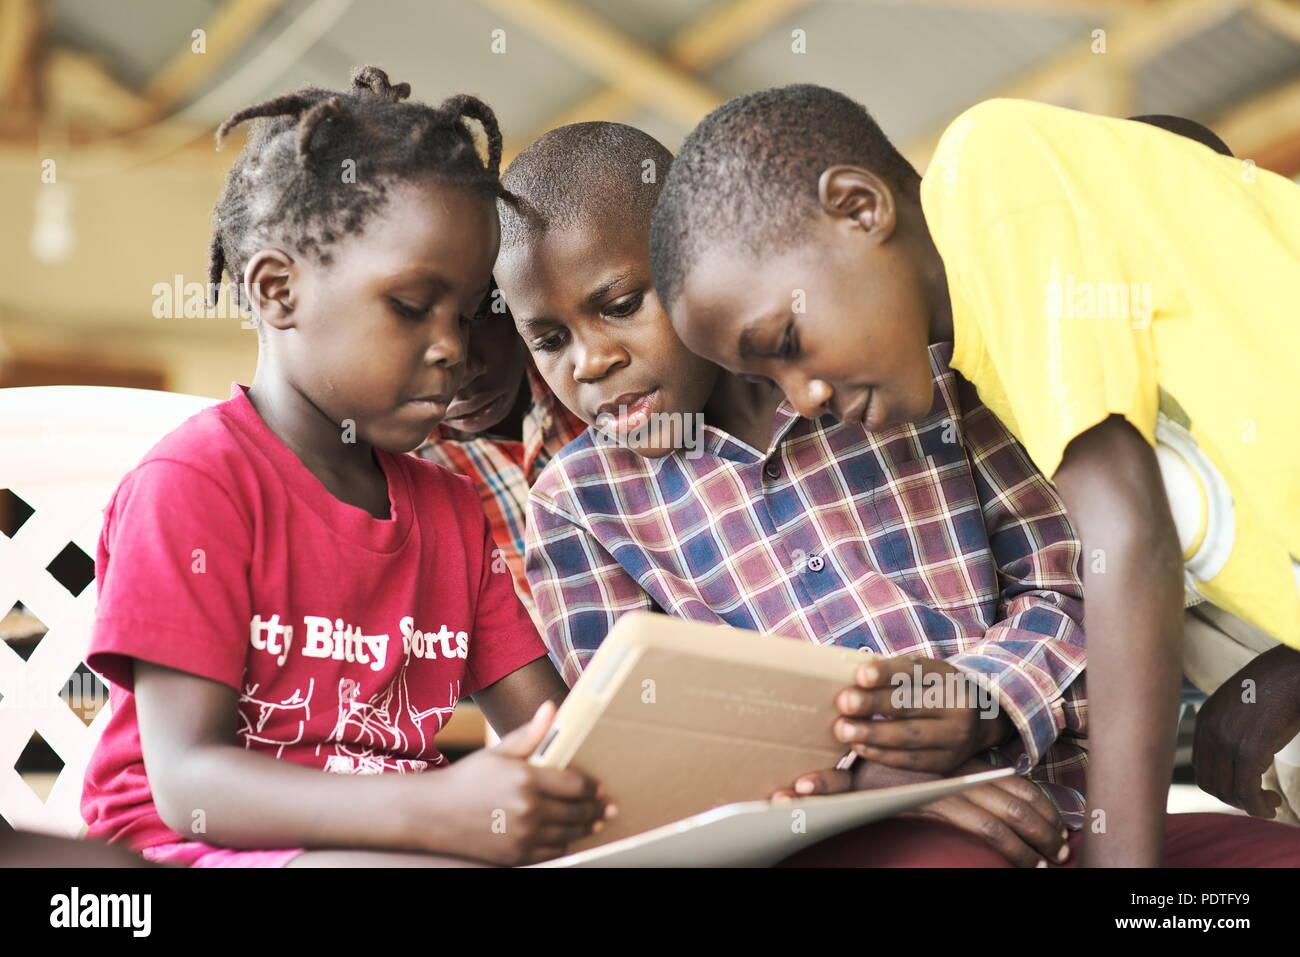 Eine Gruppe von Jungen wohlhabenden ugandische Kinder tragen moderne Kleidung in einer Gruppe, die sich versammeln, um ein IPAD zu verwenden Stockbild